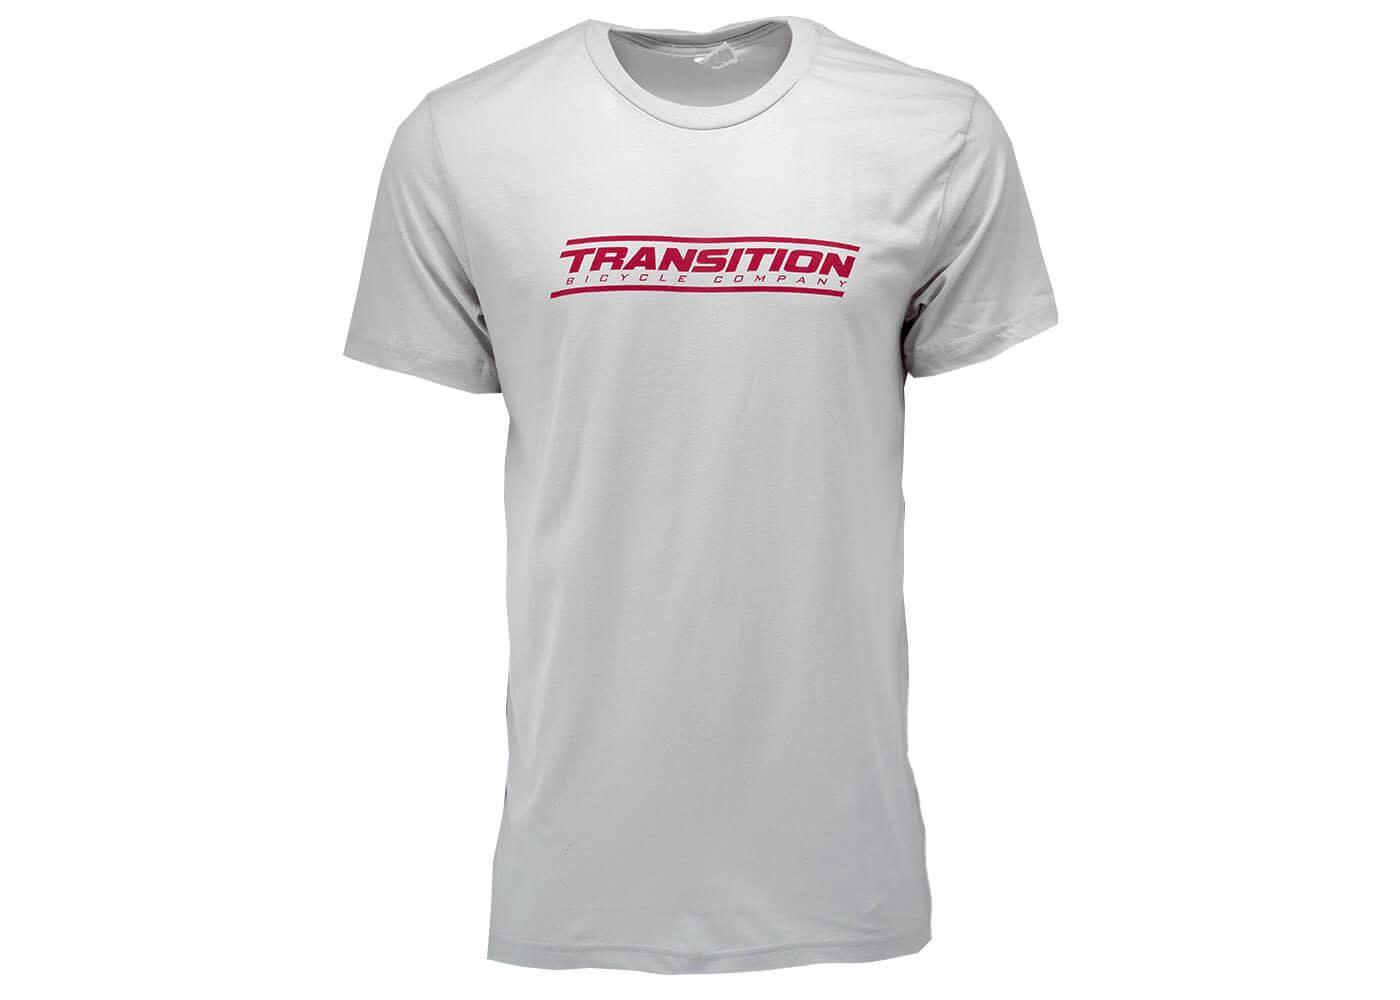 Transition Transition T-Shirt: Transition Logo (Silver & Red, Medium)